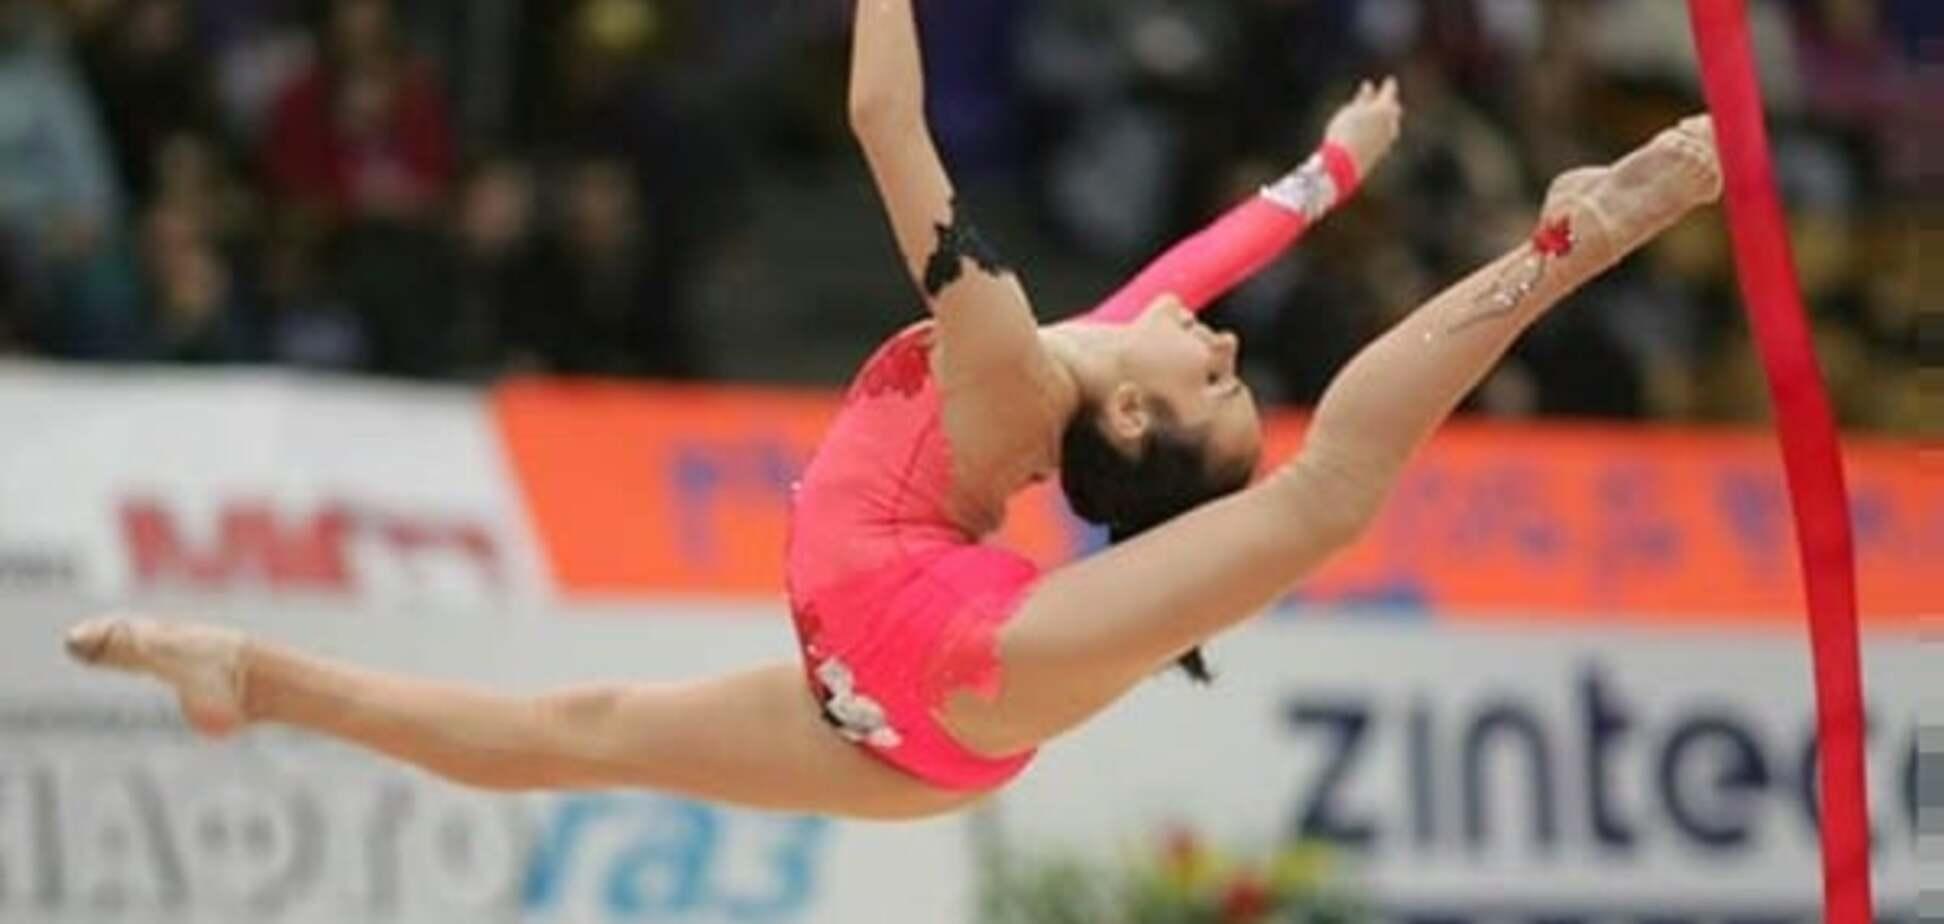 'Величезні баули': відома гімнастка розповіла про допомогу росіян українським біженцям